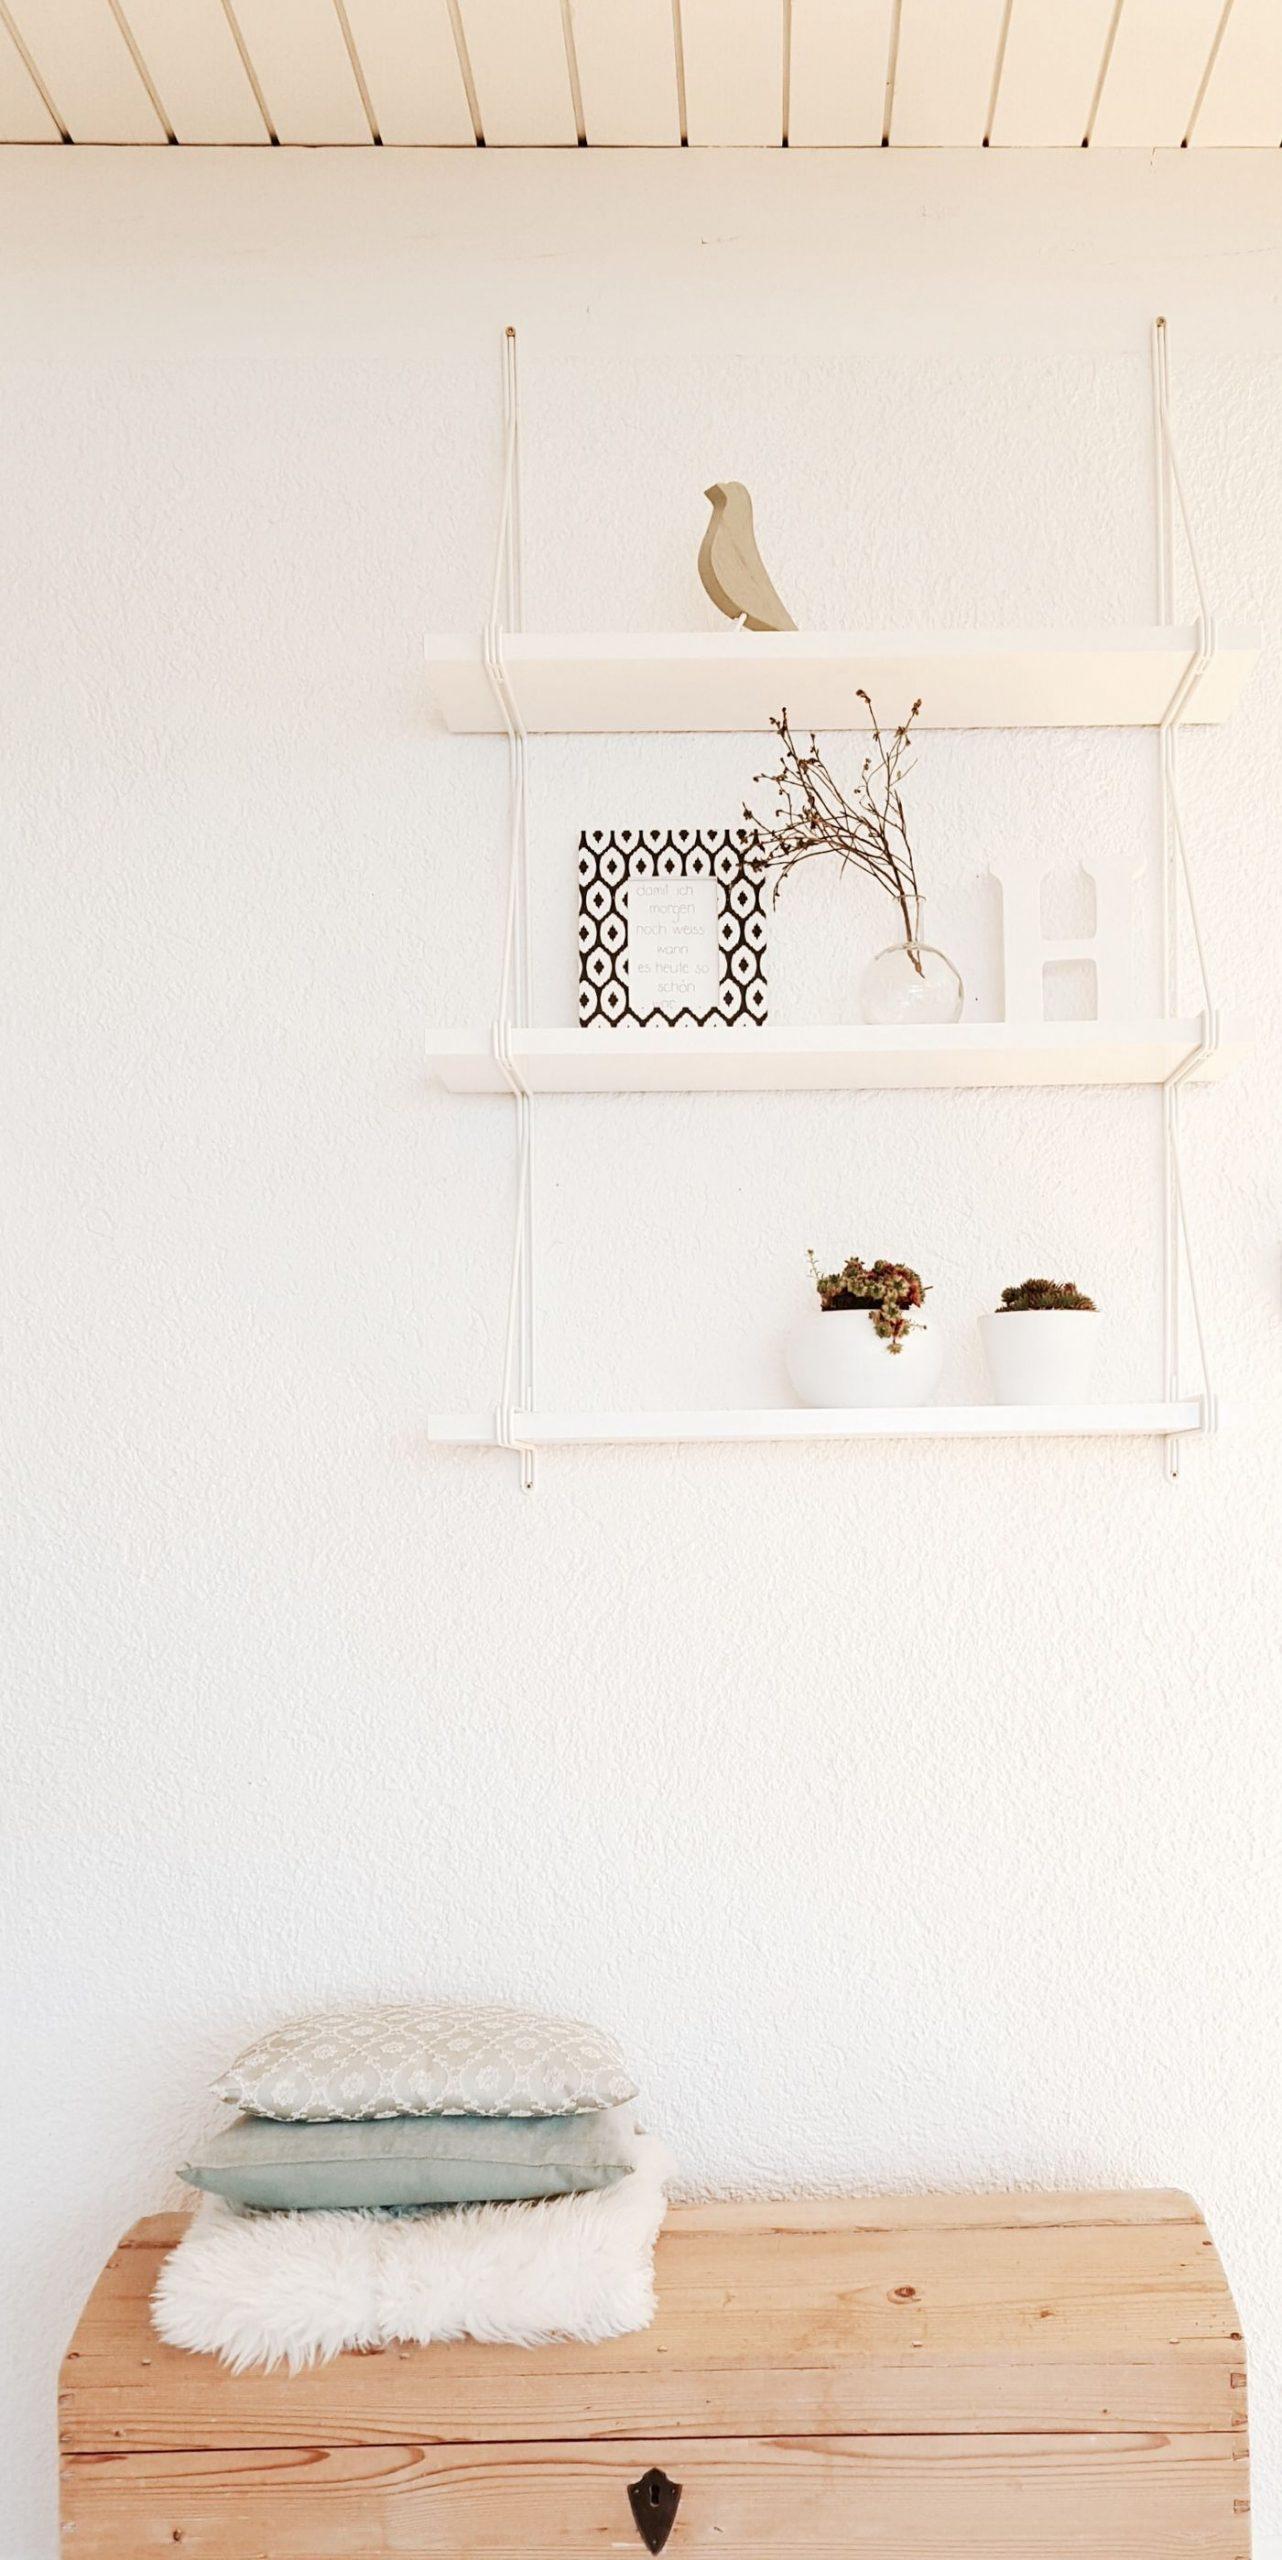 Full Size of Ikea Holzregal Ideen Und Inspirationen Fr Regale Küche Miniküche Betten Bei Sofa Mit Schlaffunktion Kosten Kaufen Badezimmer Modulküche 160x200 Wohnzimmer Ikea Holzregal